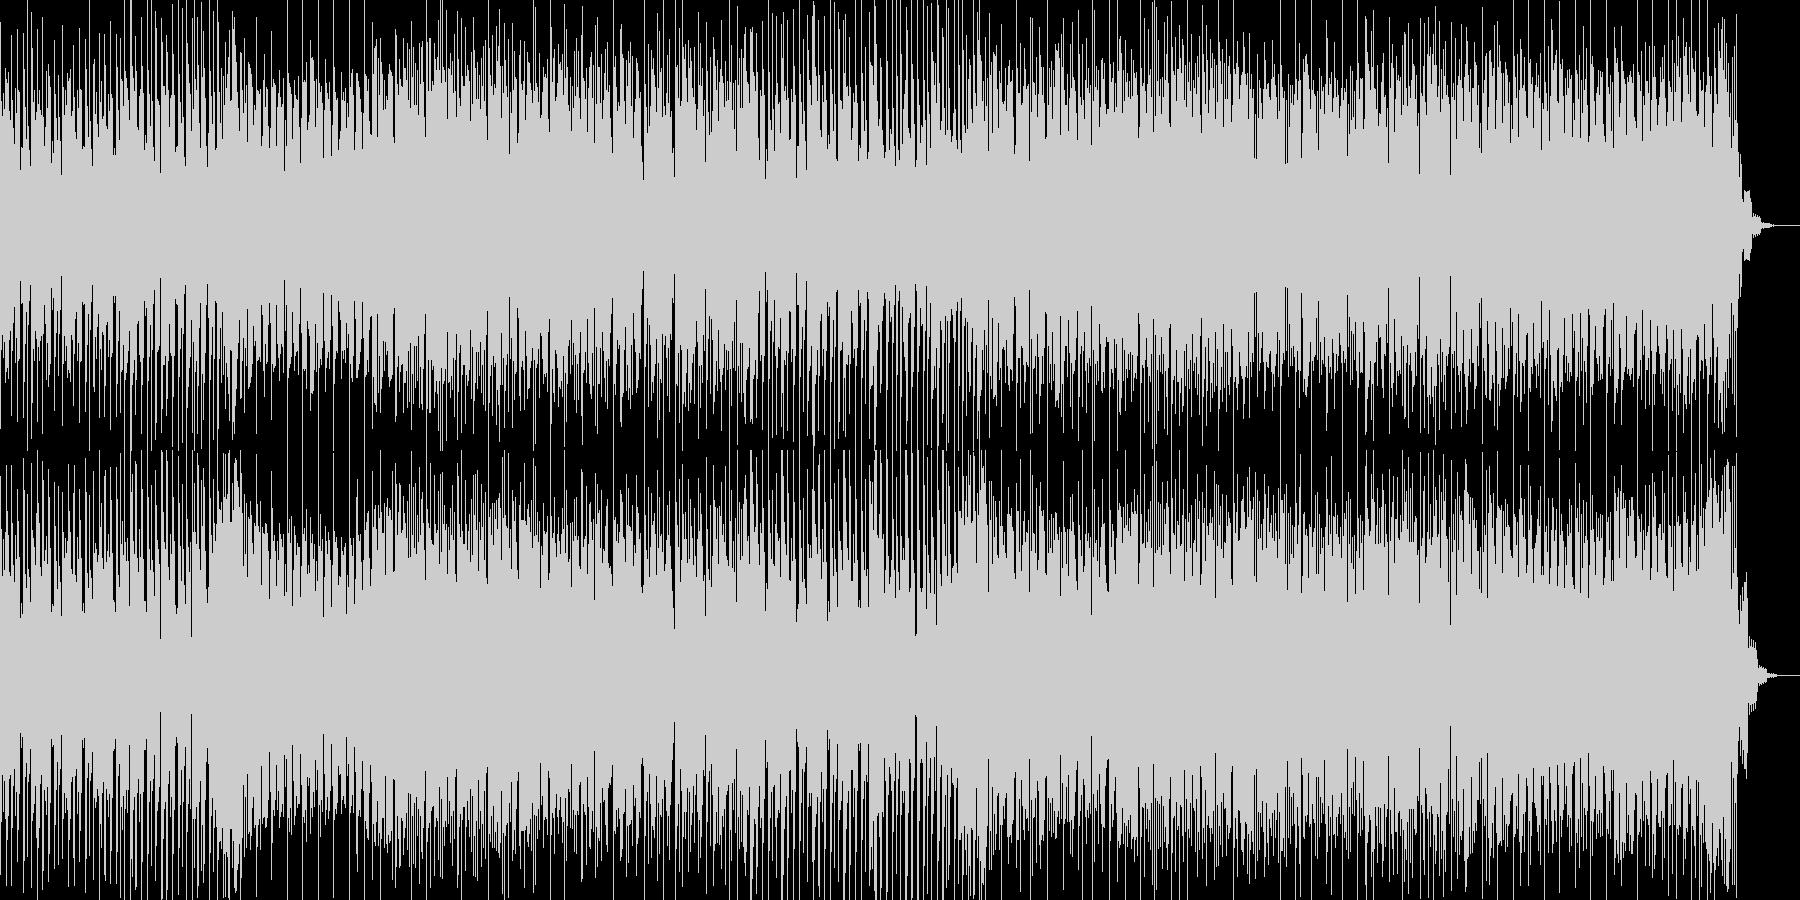 疾走感あふれるテクノ曲の未再生の波形